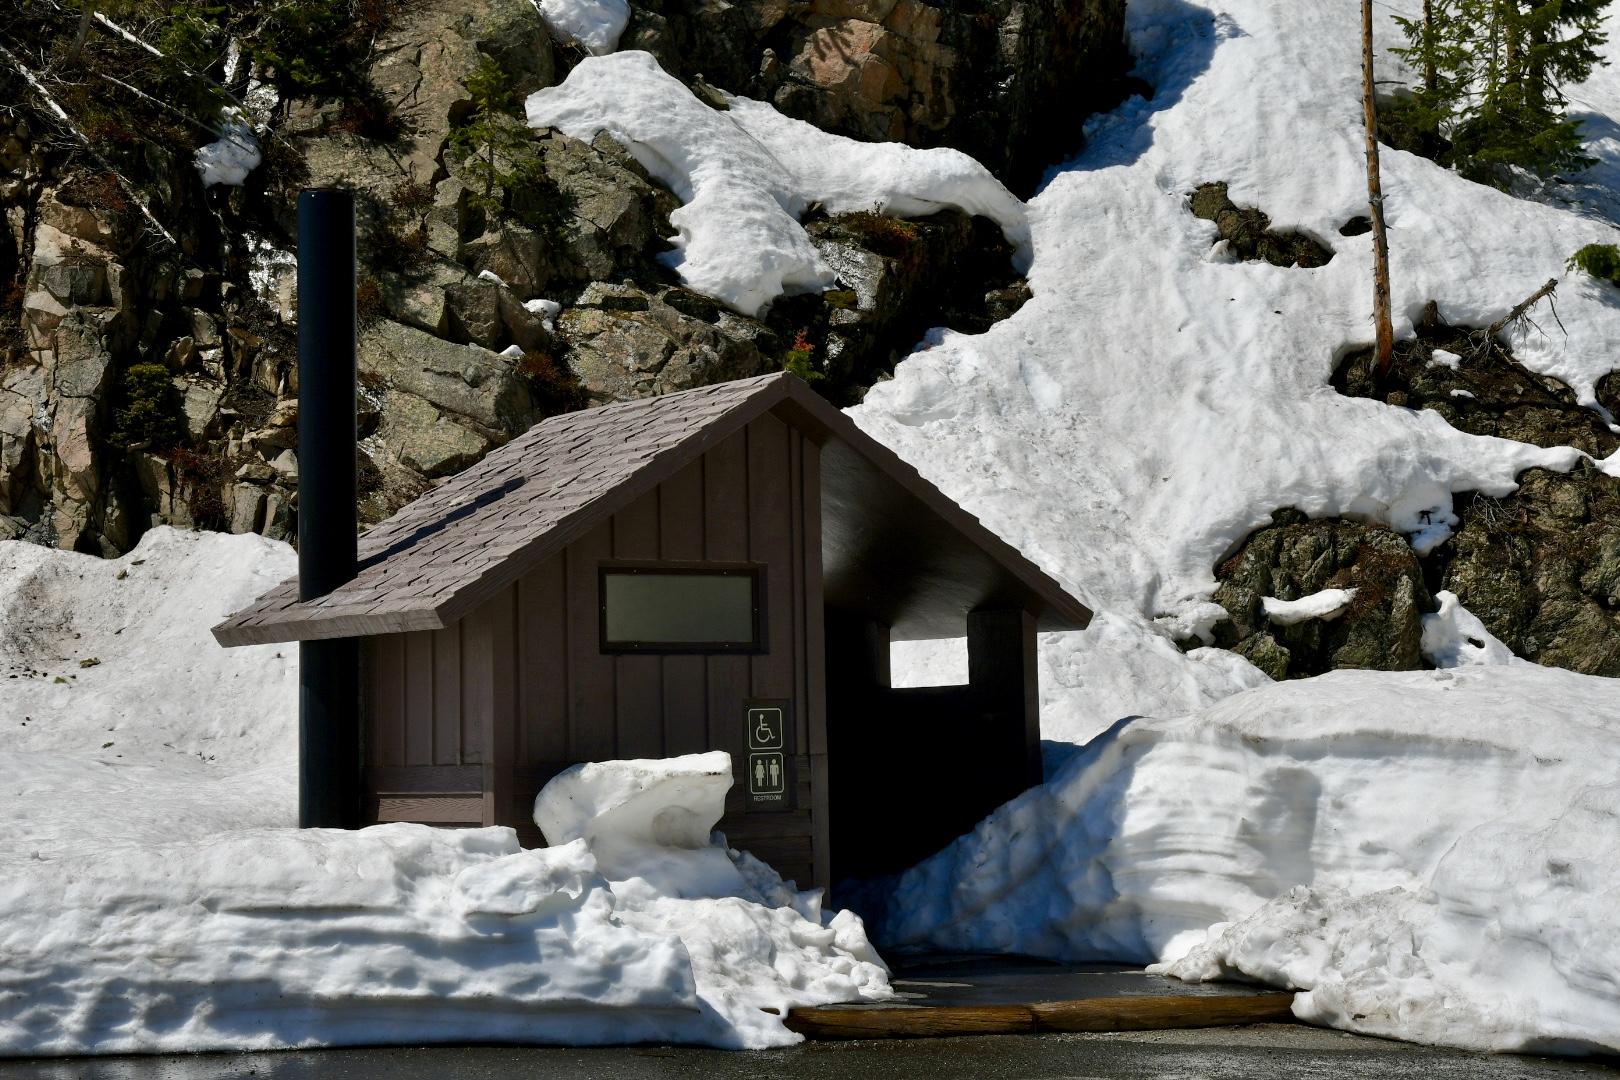 Kleines braunes Klohäuschen mit Satteldach vor Felswand wird von dicken Schneemassen eingerahmt